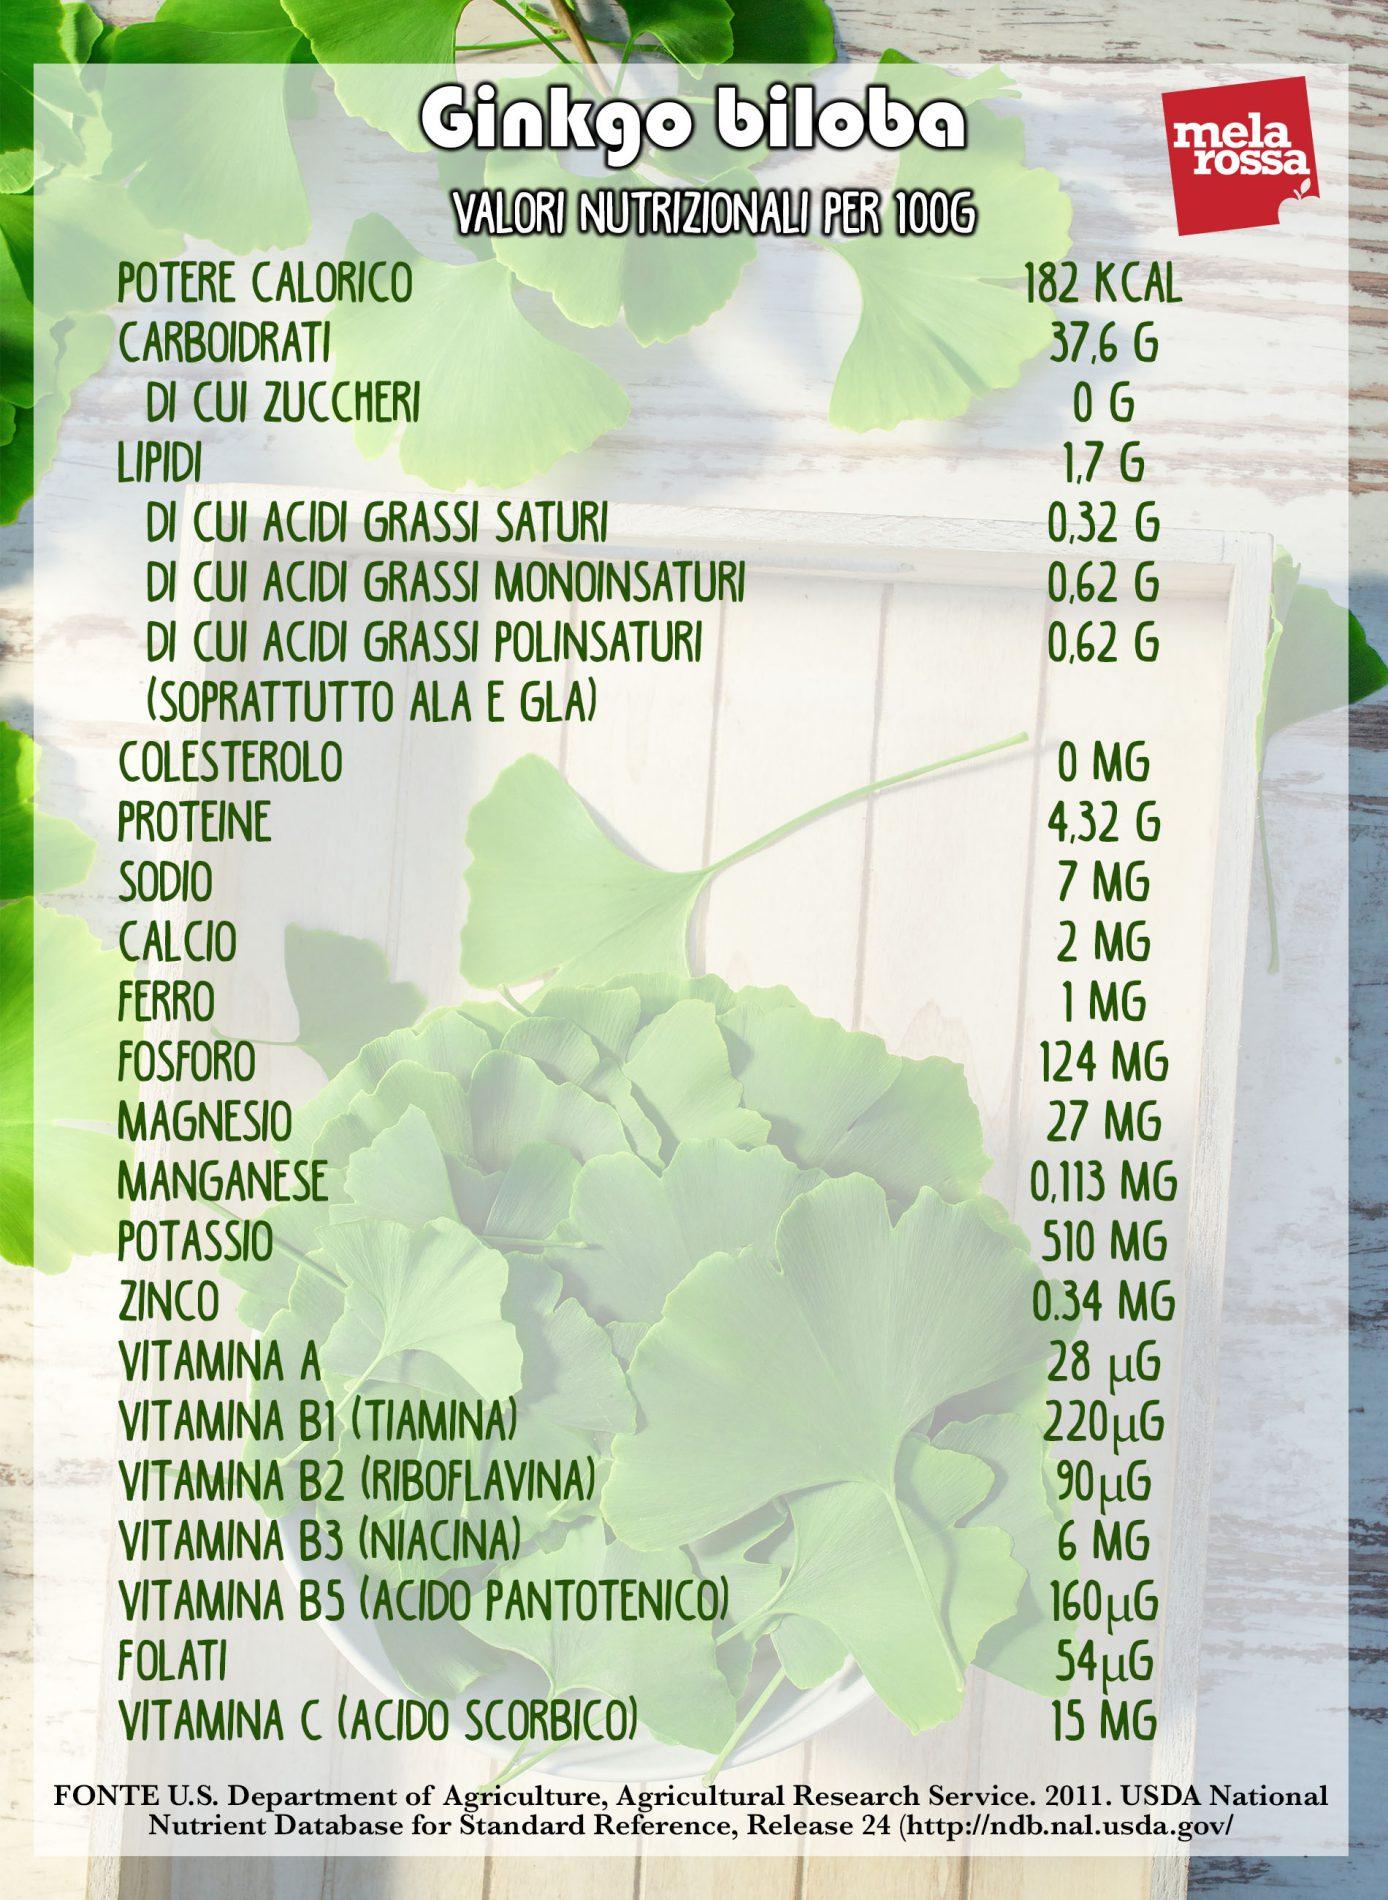 ginkgo biloba: valores nutricionales